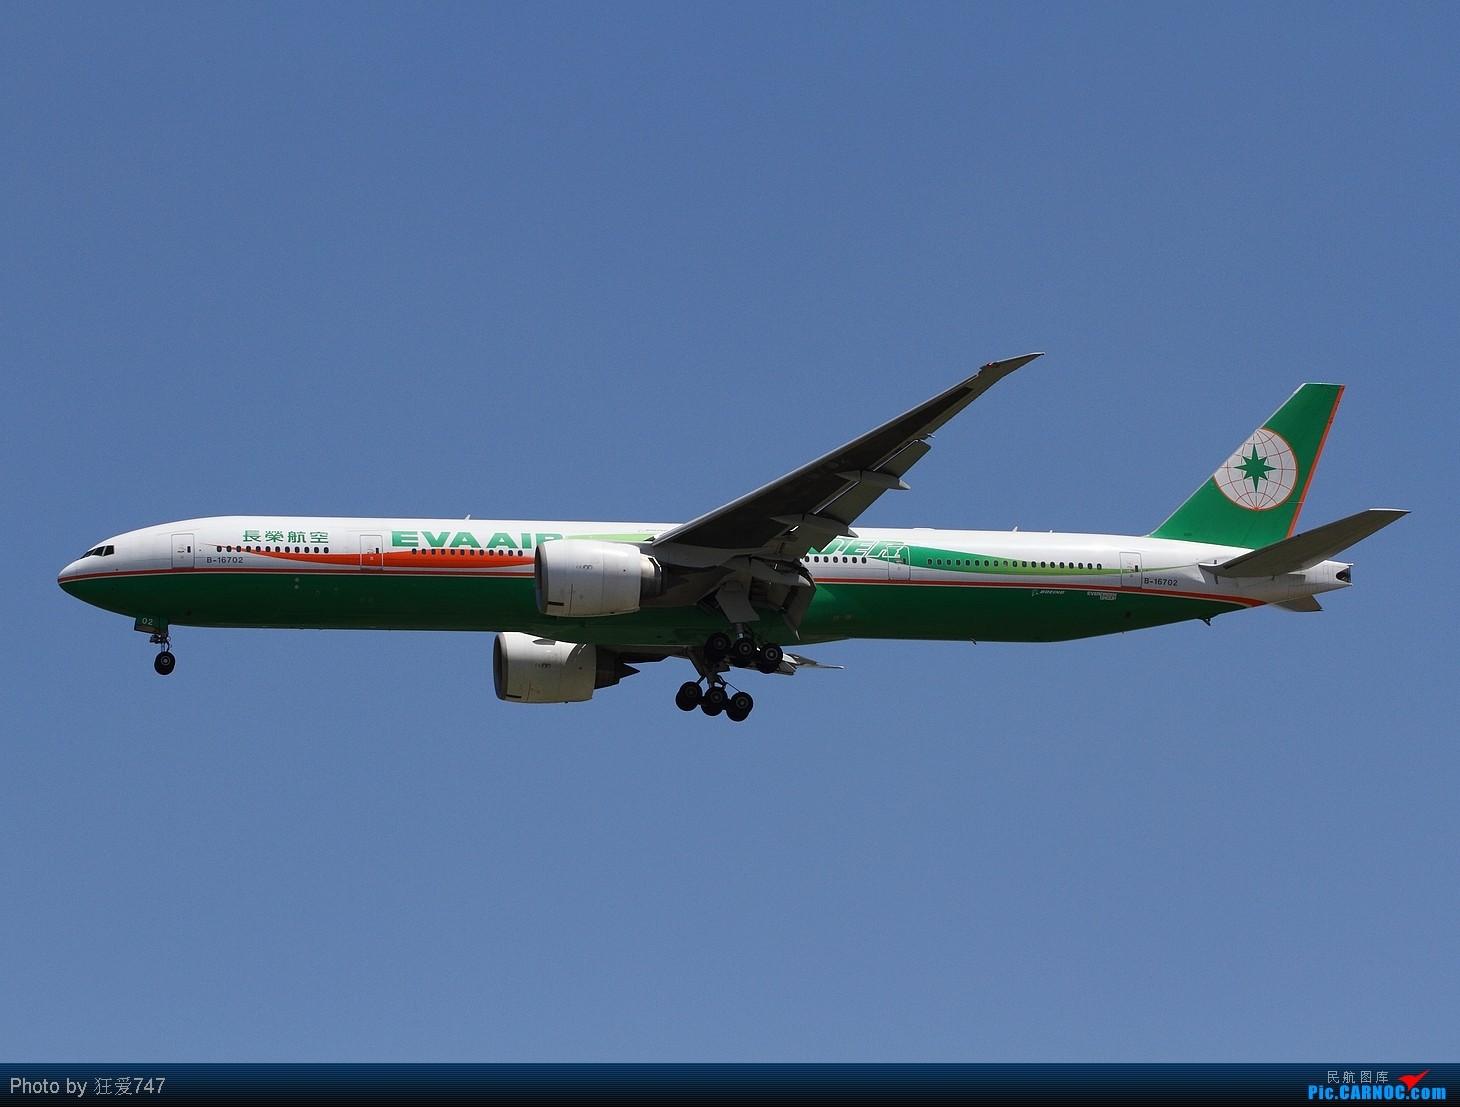 Re:[原创]三张图:北京晴天有惊喜! BOEING 777-300 B-16702 中国北京首都机场